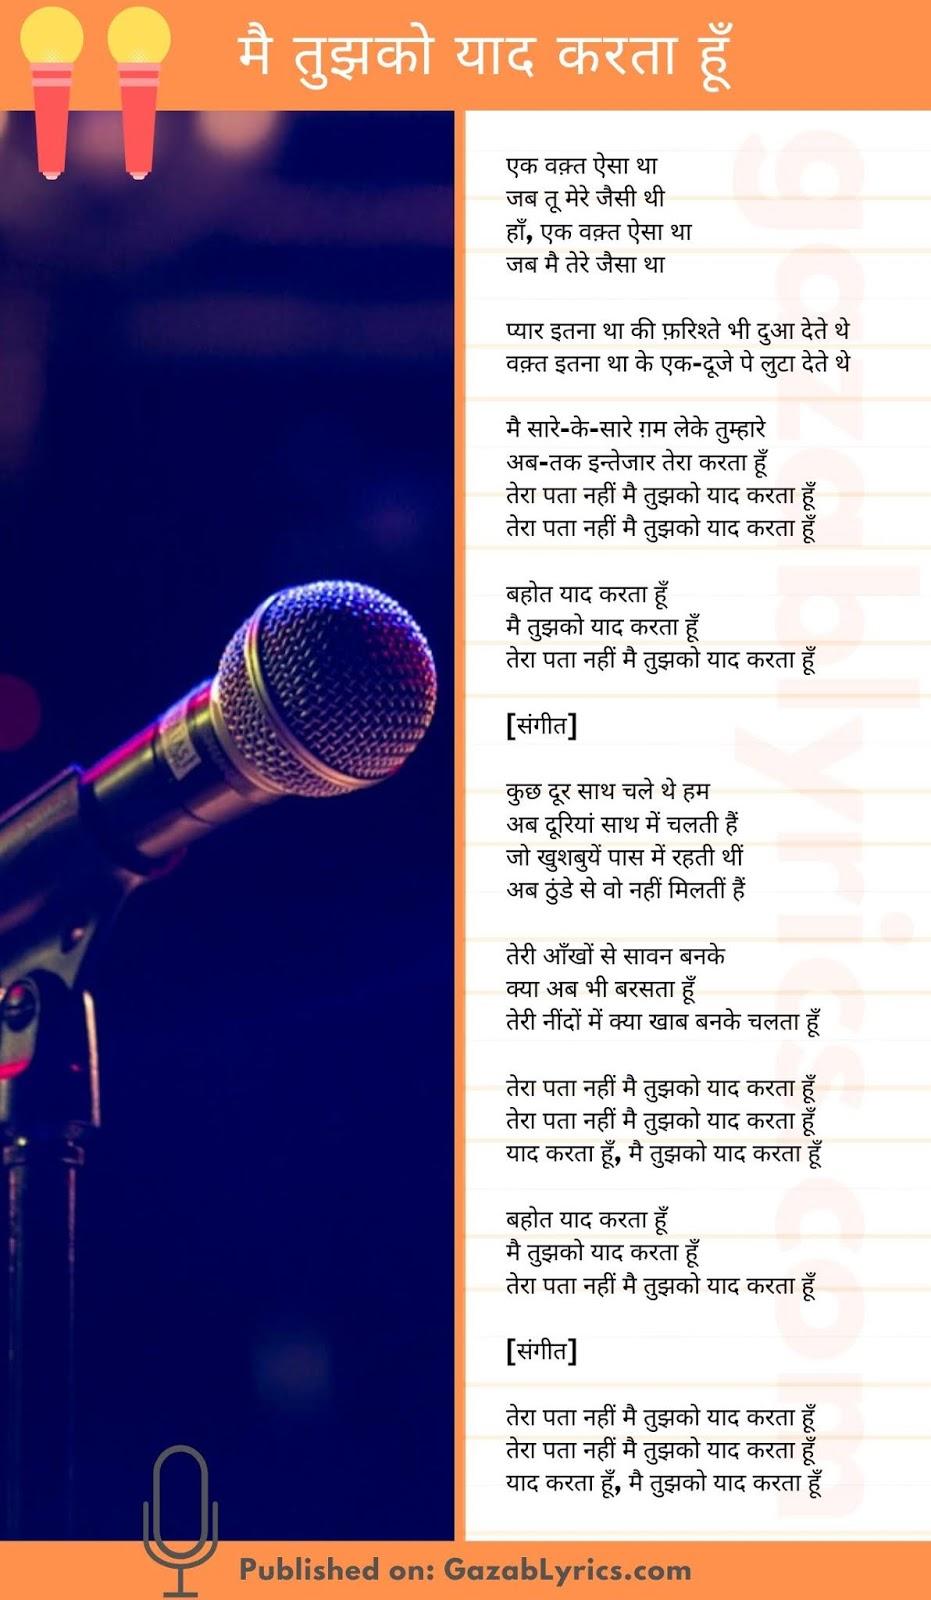 Main Tujhko Yaad Karta Hoon song image